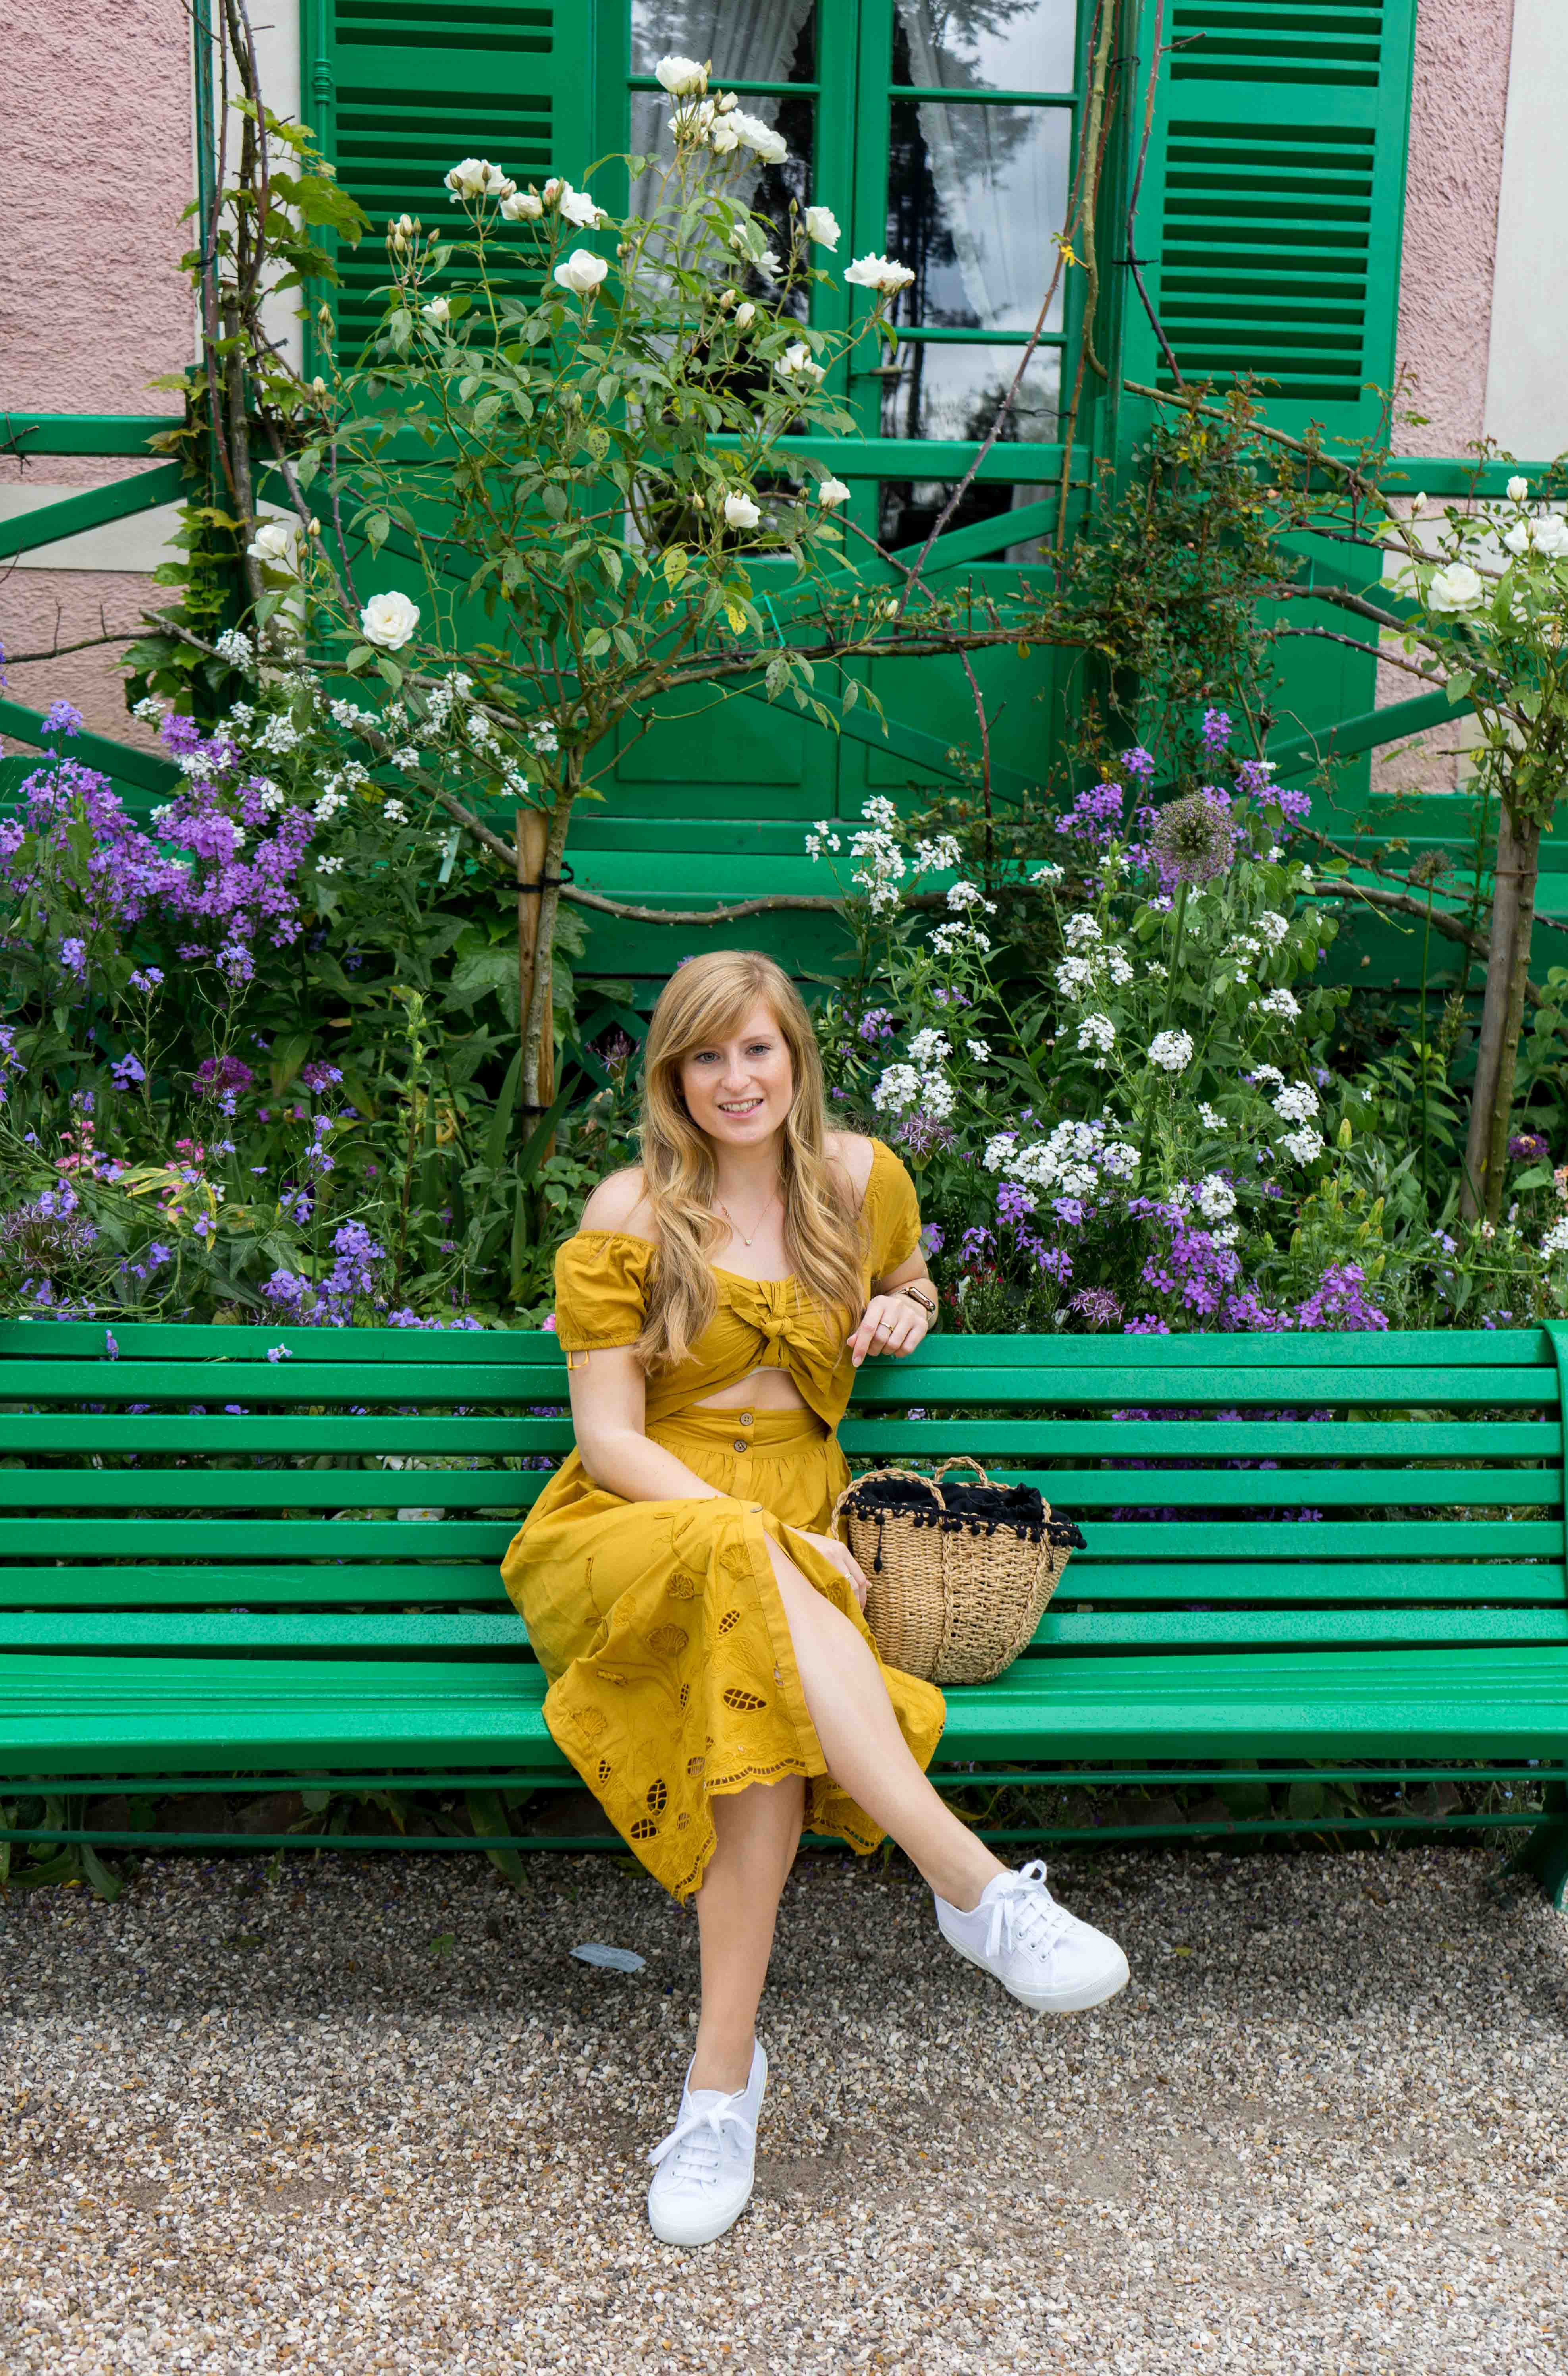 Sommerkleid Cut Outs Zara senfgelb Sommeroutfit Urlaub Normandie was tragen Giverny Monets Garten Modeblog 9